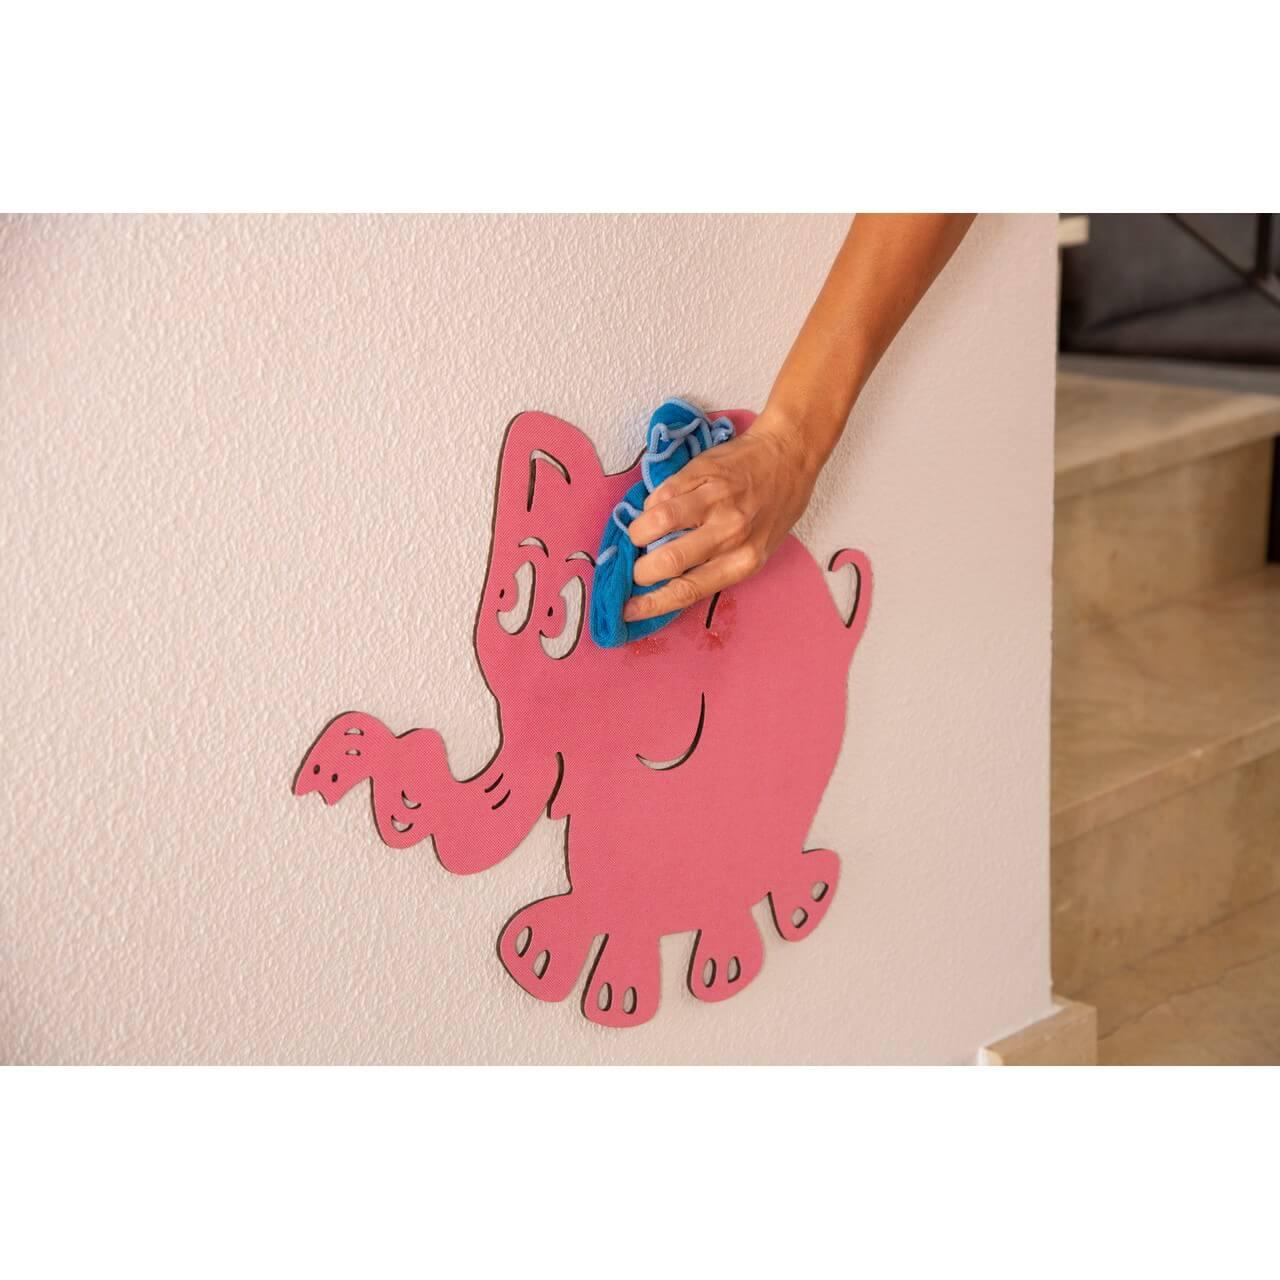 Limpieza y cuidados de la decoración mural Lola Paris